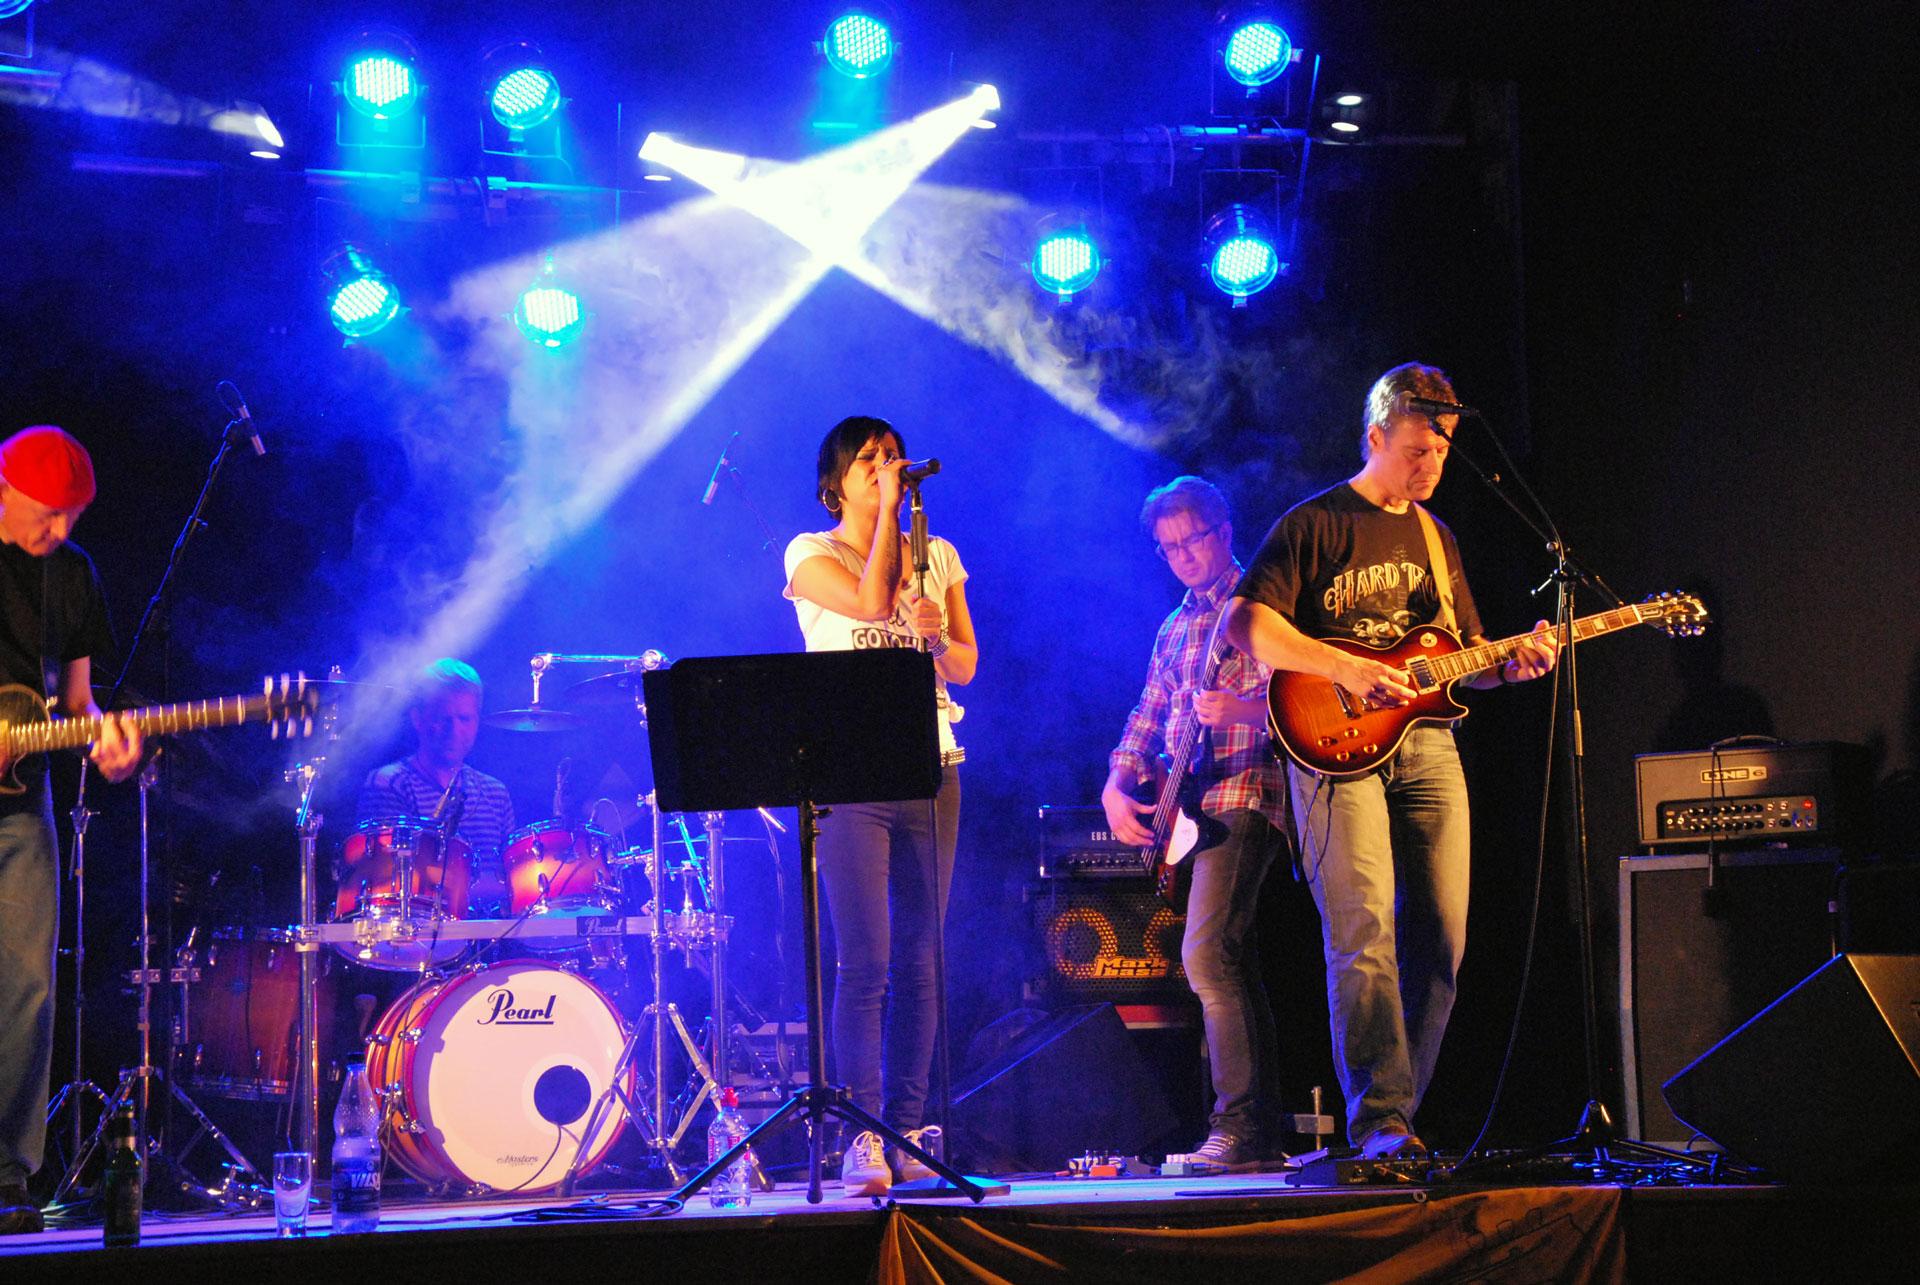 Sängerin, Gitarrist, Bassist und Schlagzeuger bei einem Auftritt bei Rock4Ghana.